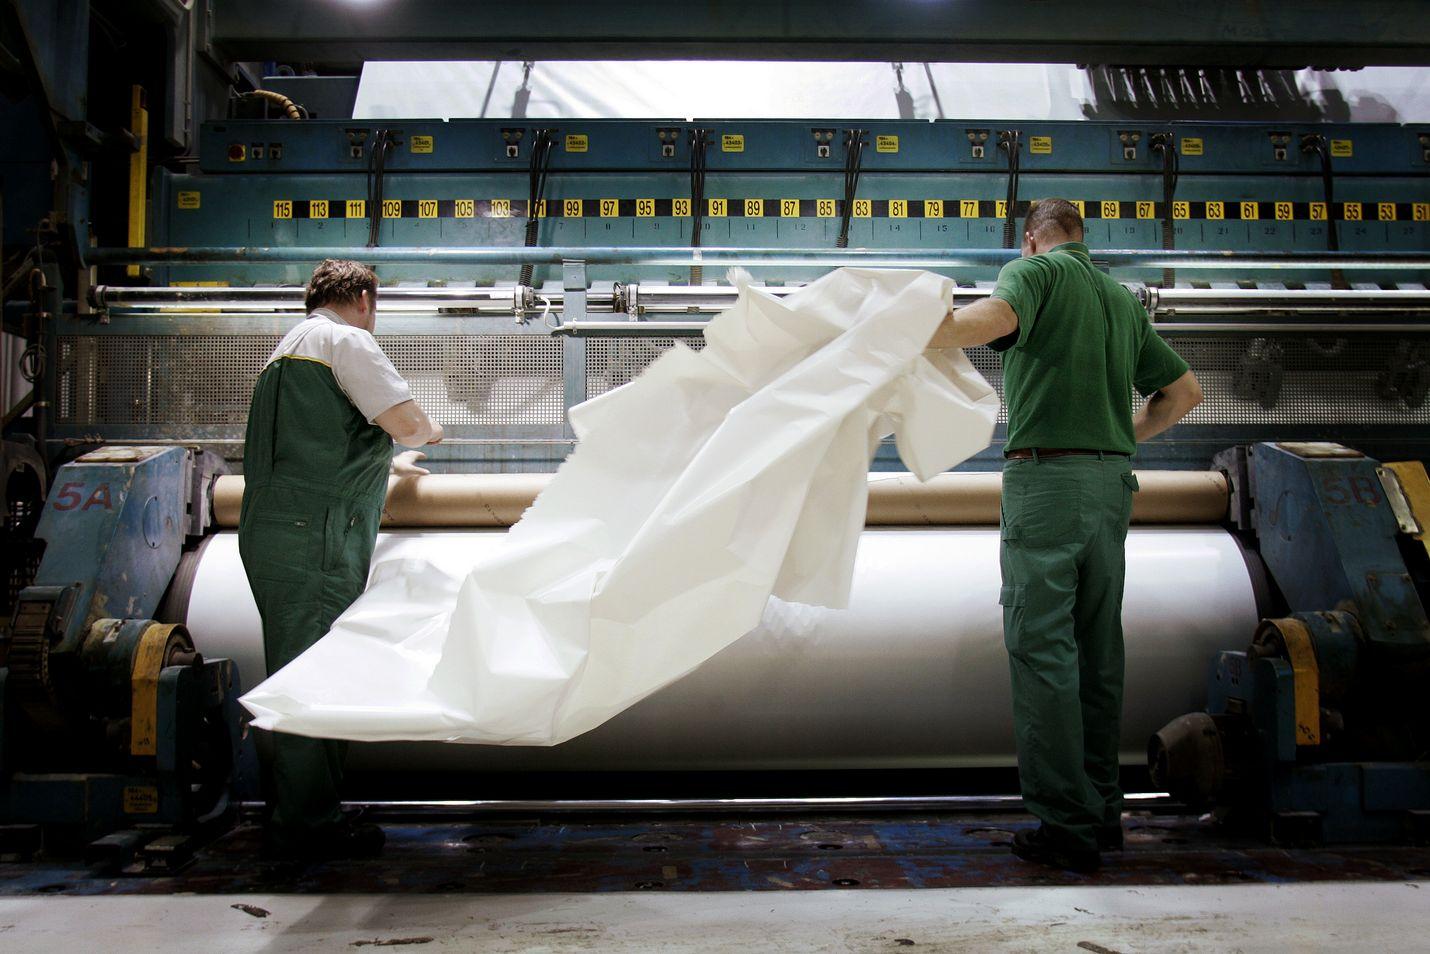 Paperitehtaat sulkeutuvat viimeistään maanantaina aamulla, kun metsäteollisuuden lähes kokonaan pysäyttävä laaja lakko alkaa.